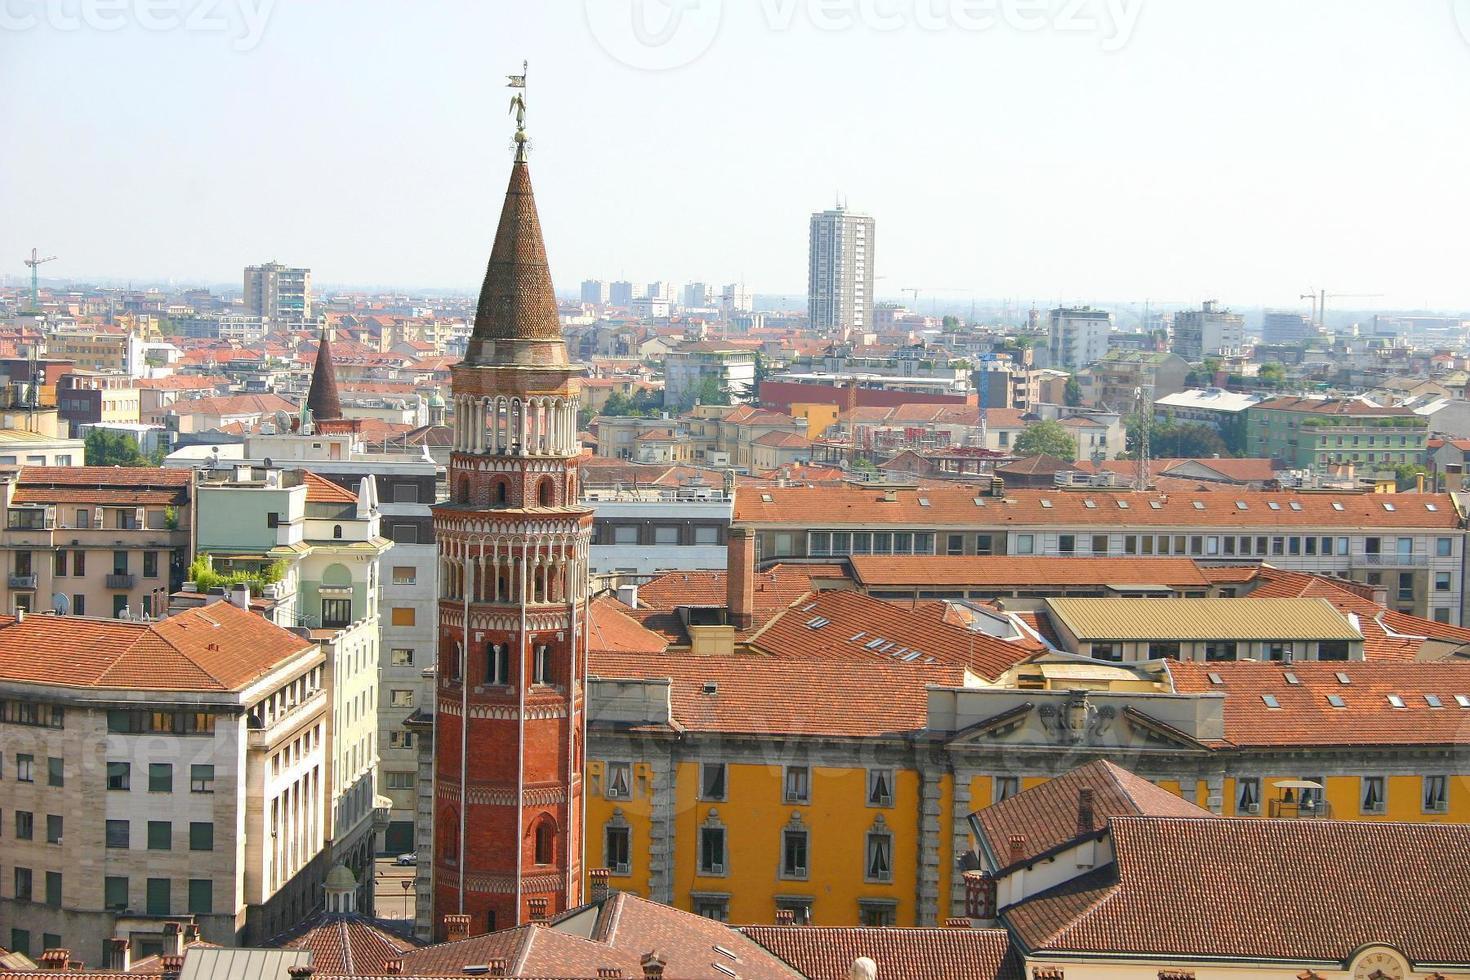 Vista aérea de Milán desde el techo del duomo, Italia foto